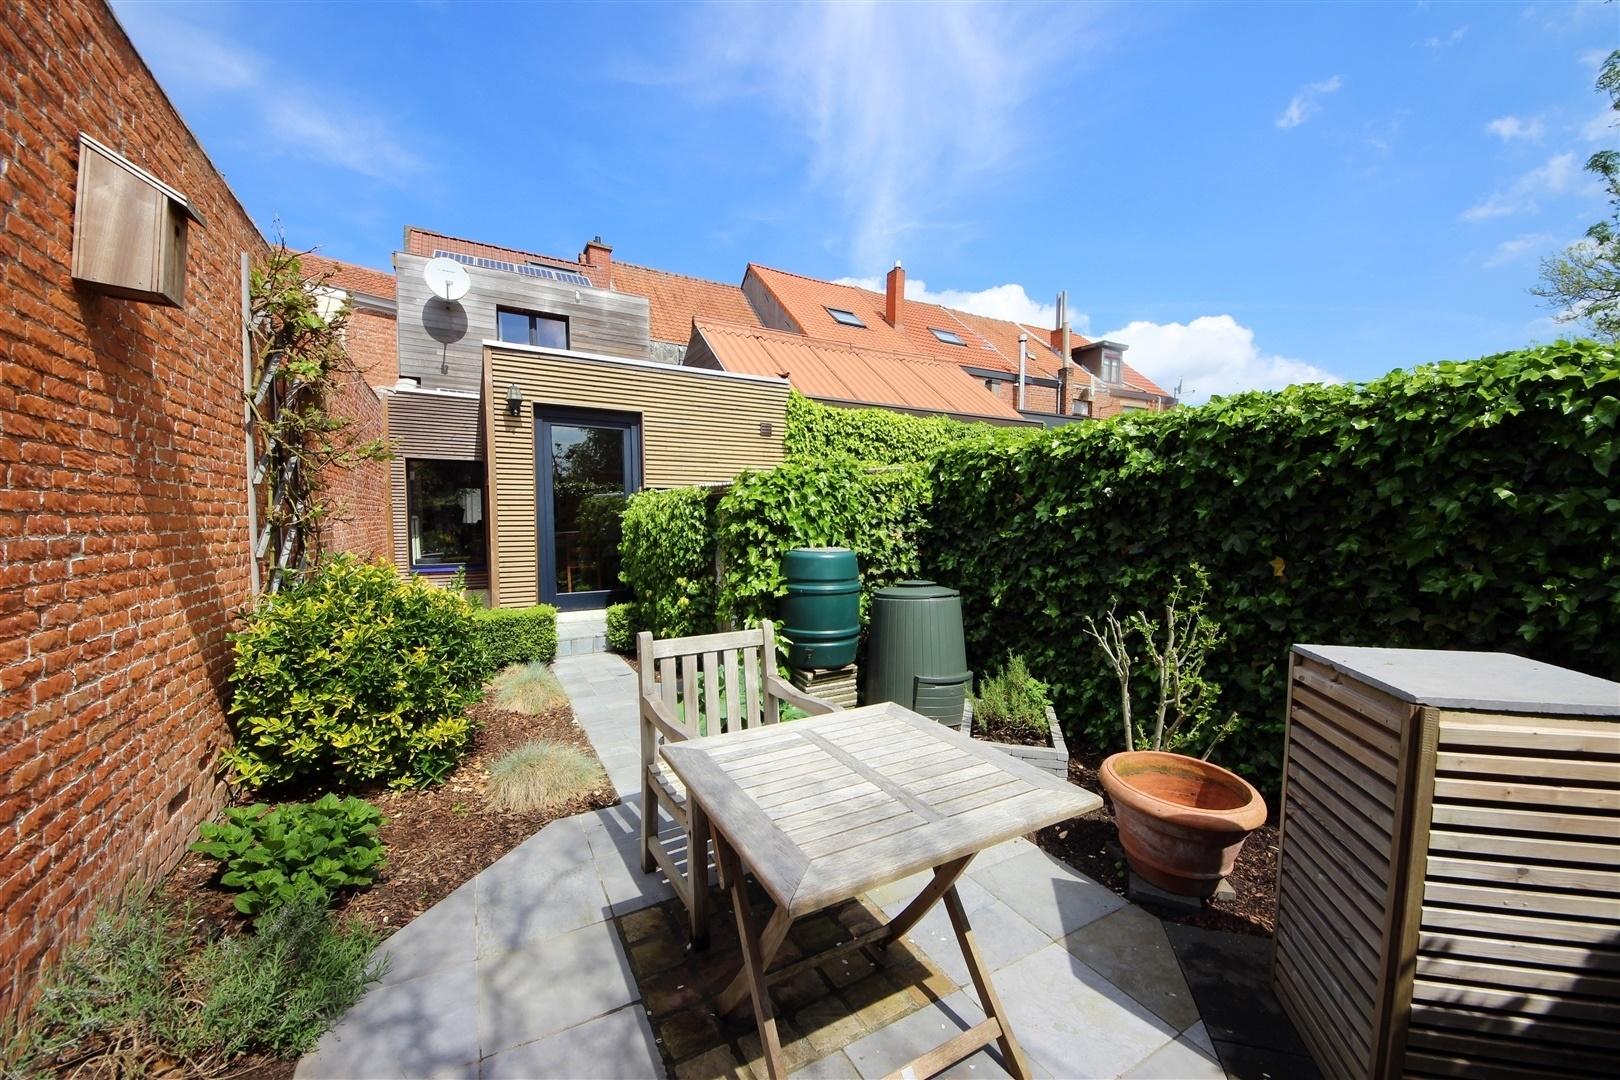 Aangename op te frissen woning met zonnige tuin woningen for Huis met tuin te huur gent